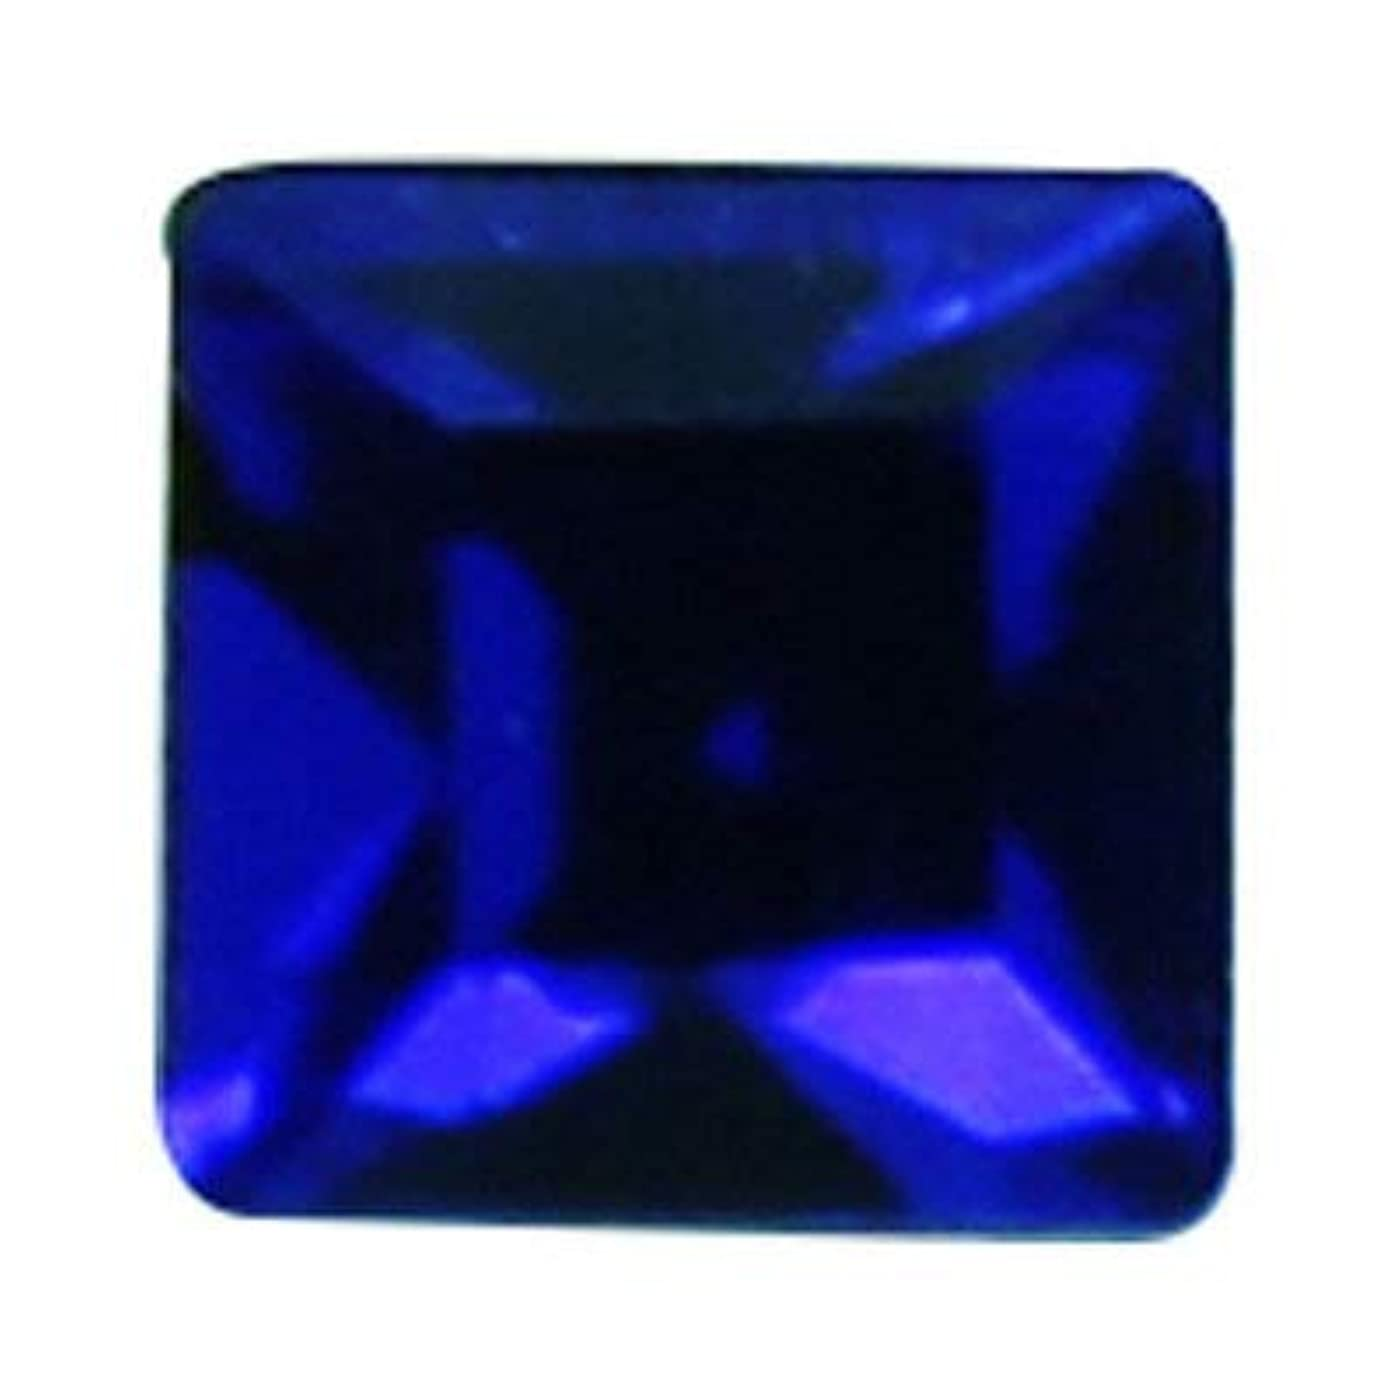 先祖ラベル有益なSWAROVSKI マジェスティック?ブルー 3mm #4428 スクエア 24P